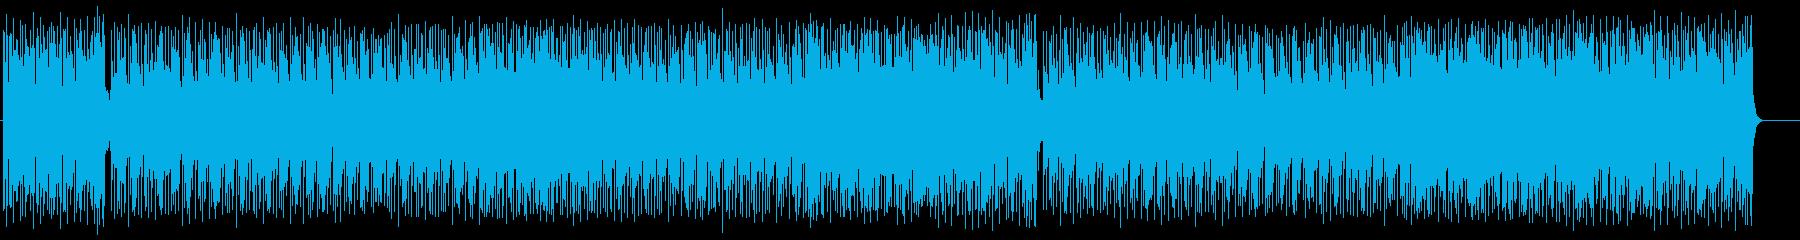 リゾート気分のポップ(フルサイズ)の再生済みの波形